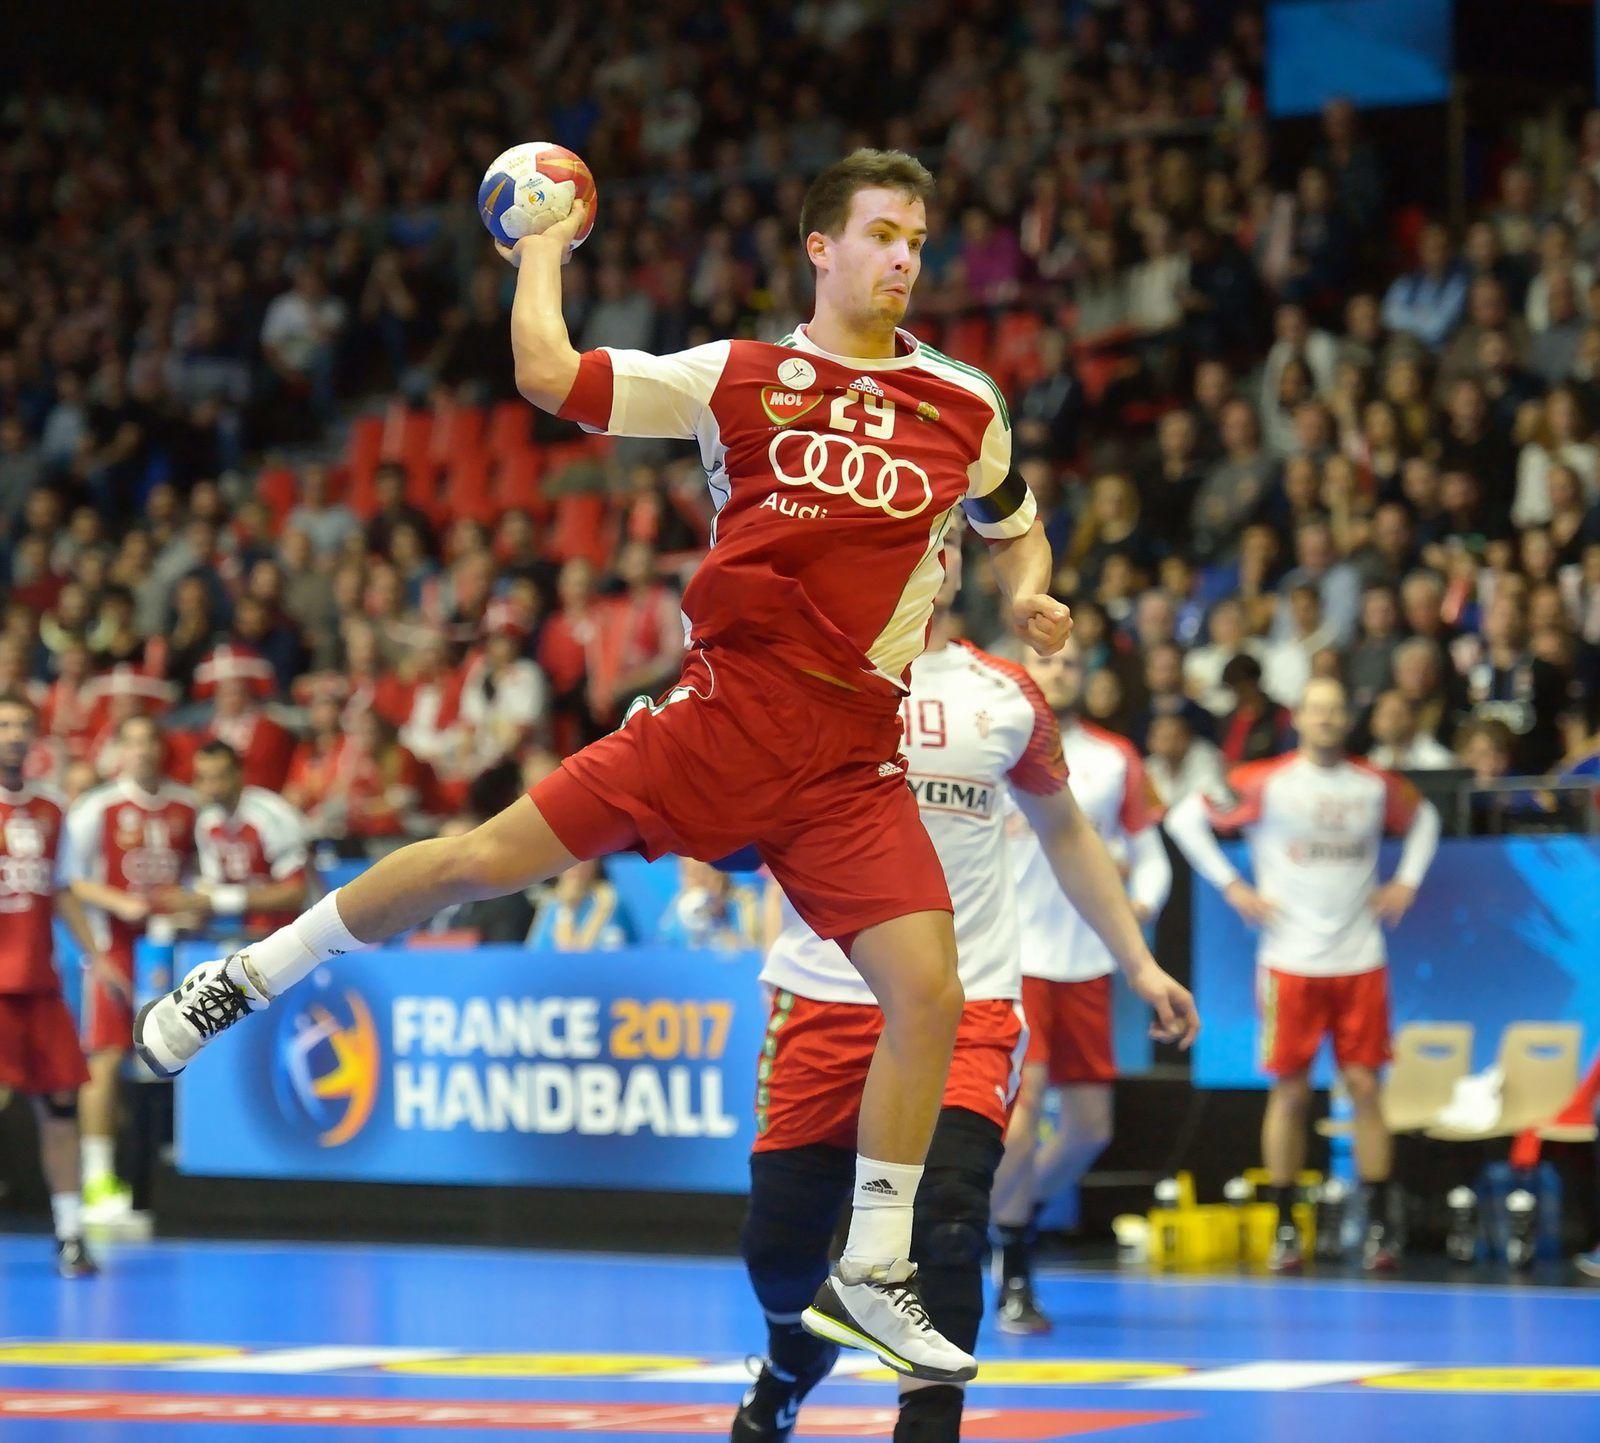 Mondial 2017 pour les Hongrois contre le Danemark c'était du Hand scène..!